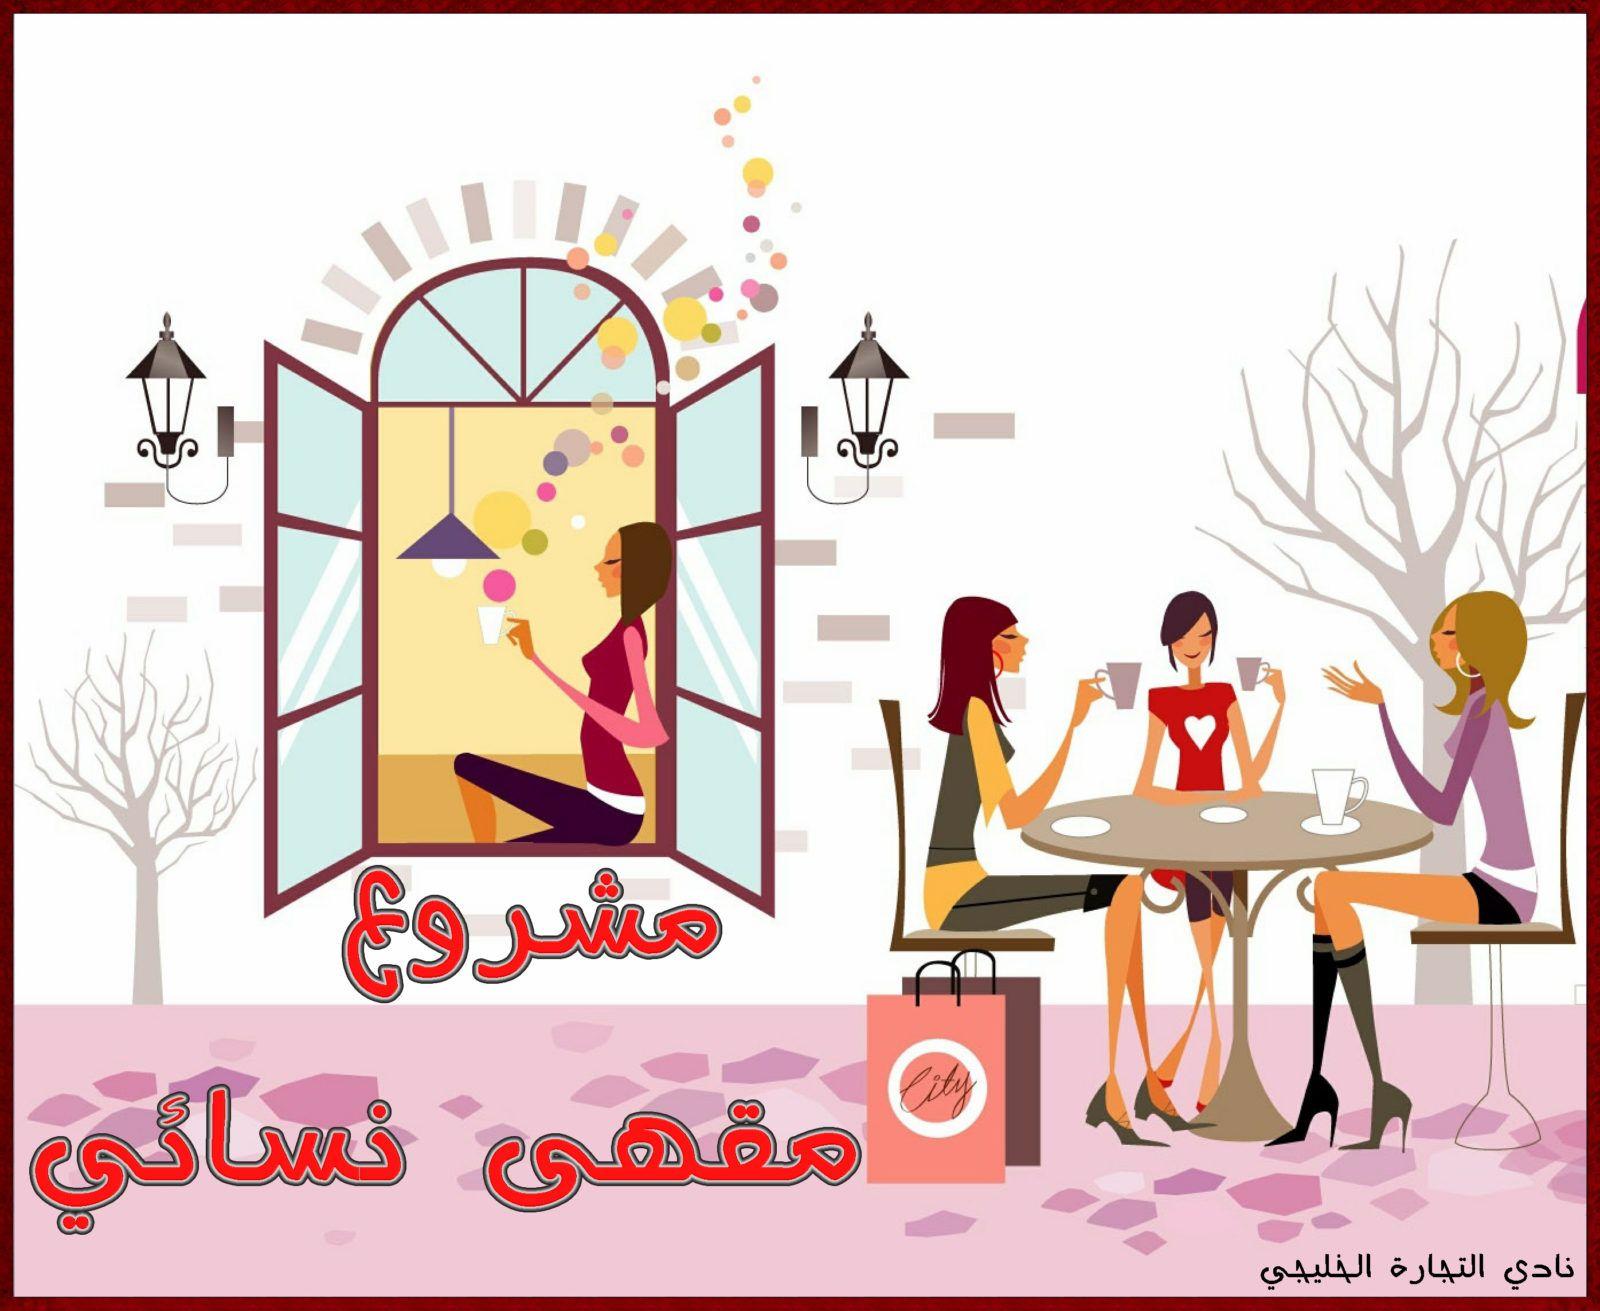 7 أفكار مشاريع ناجحة للنساء في السعودية Decor Home Decor Decals Projects